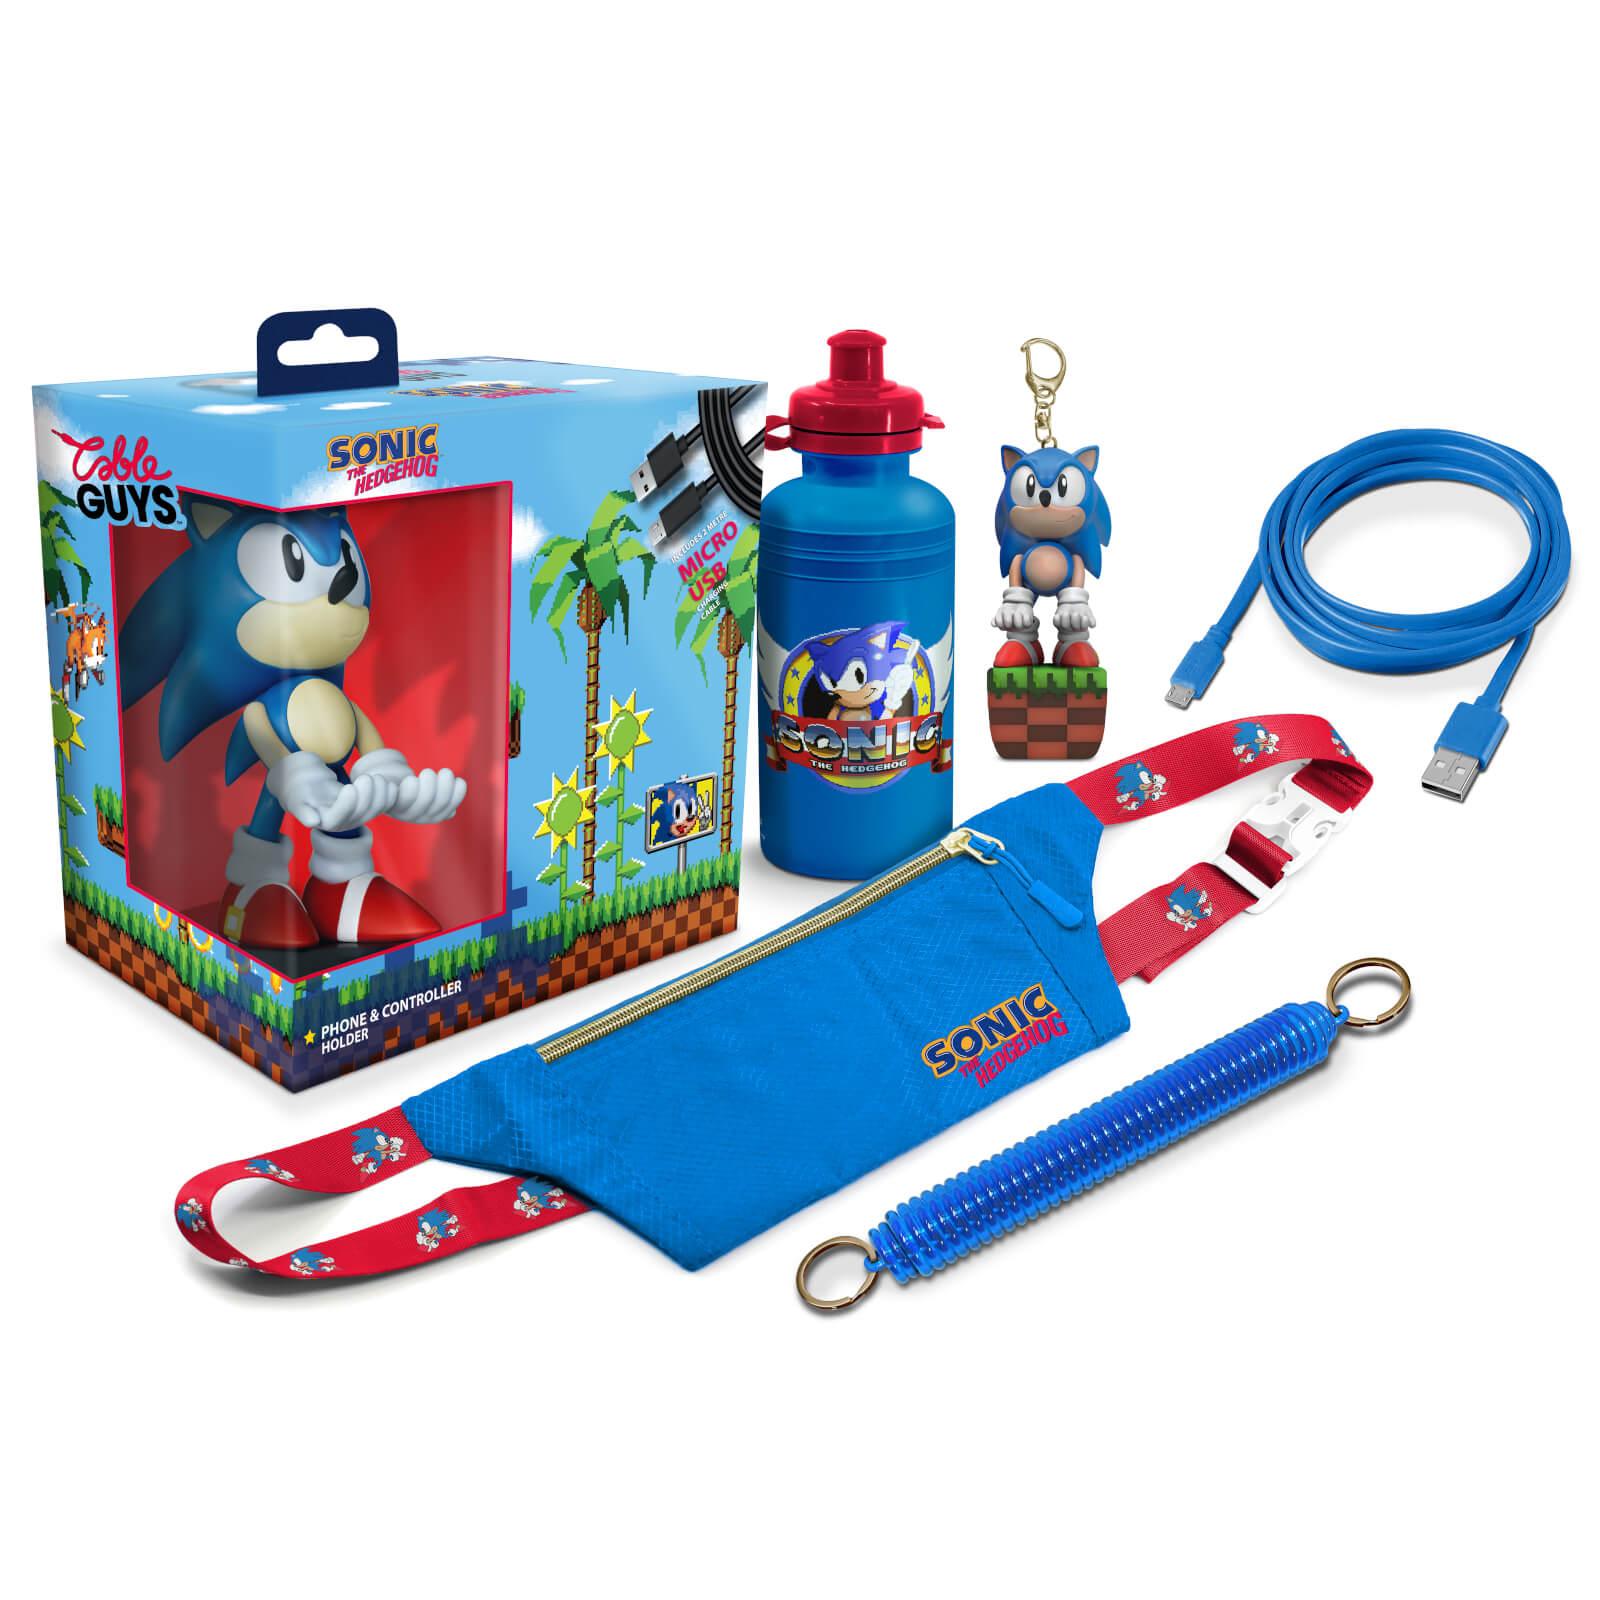 Sonic The Hedgehog Collectable Big Box für 17,19€ (oder 3 Stück für 34,99€) @ Zavvi